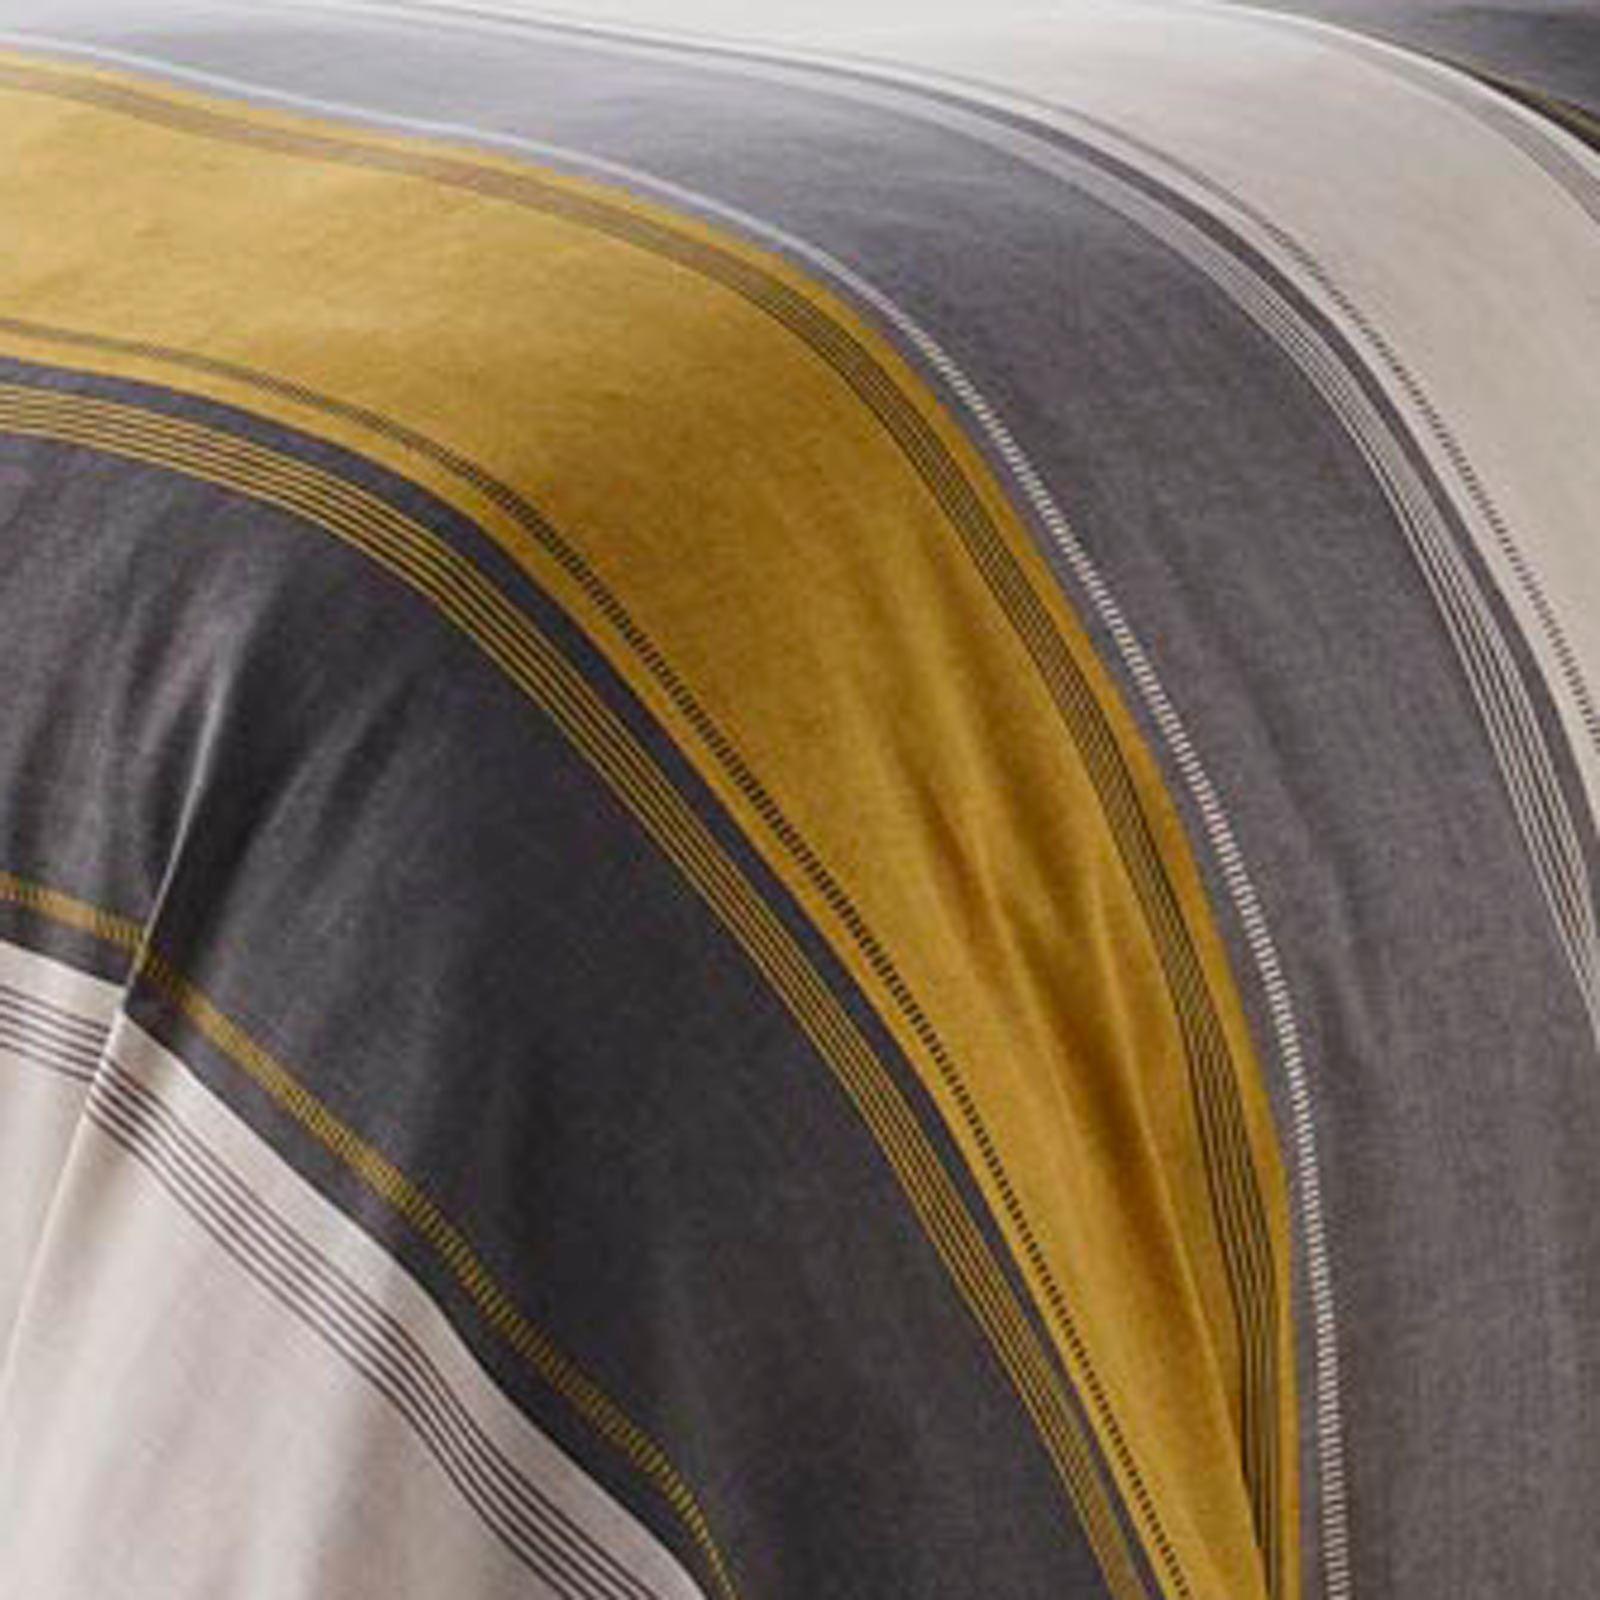 Mostaza-amarillo-ocre-Funda-de-edredon-impreso-Edredon-juego-ropa-de-cama-cubre-conjuntos miniatura 9